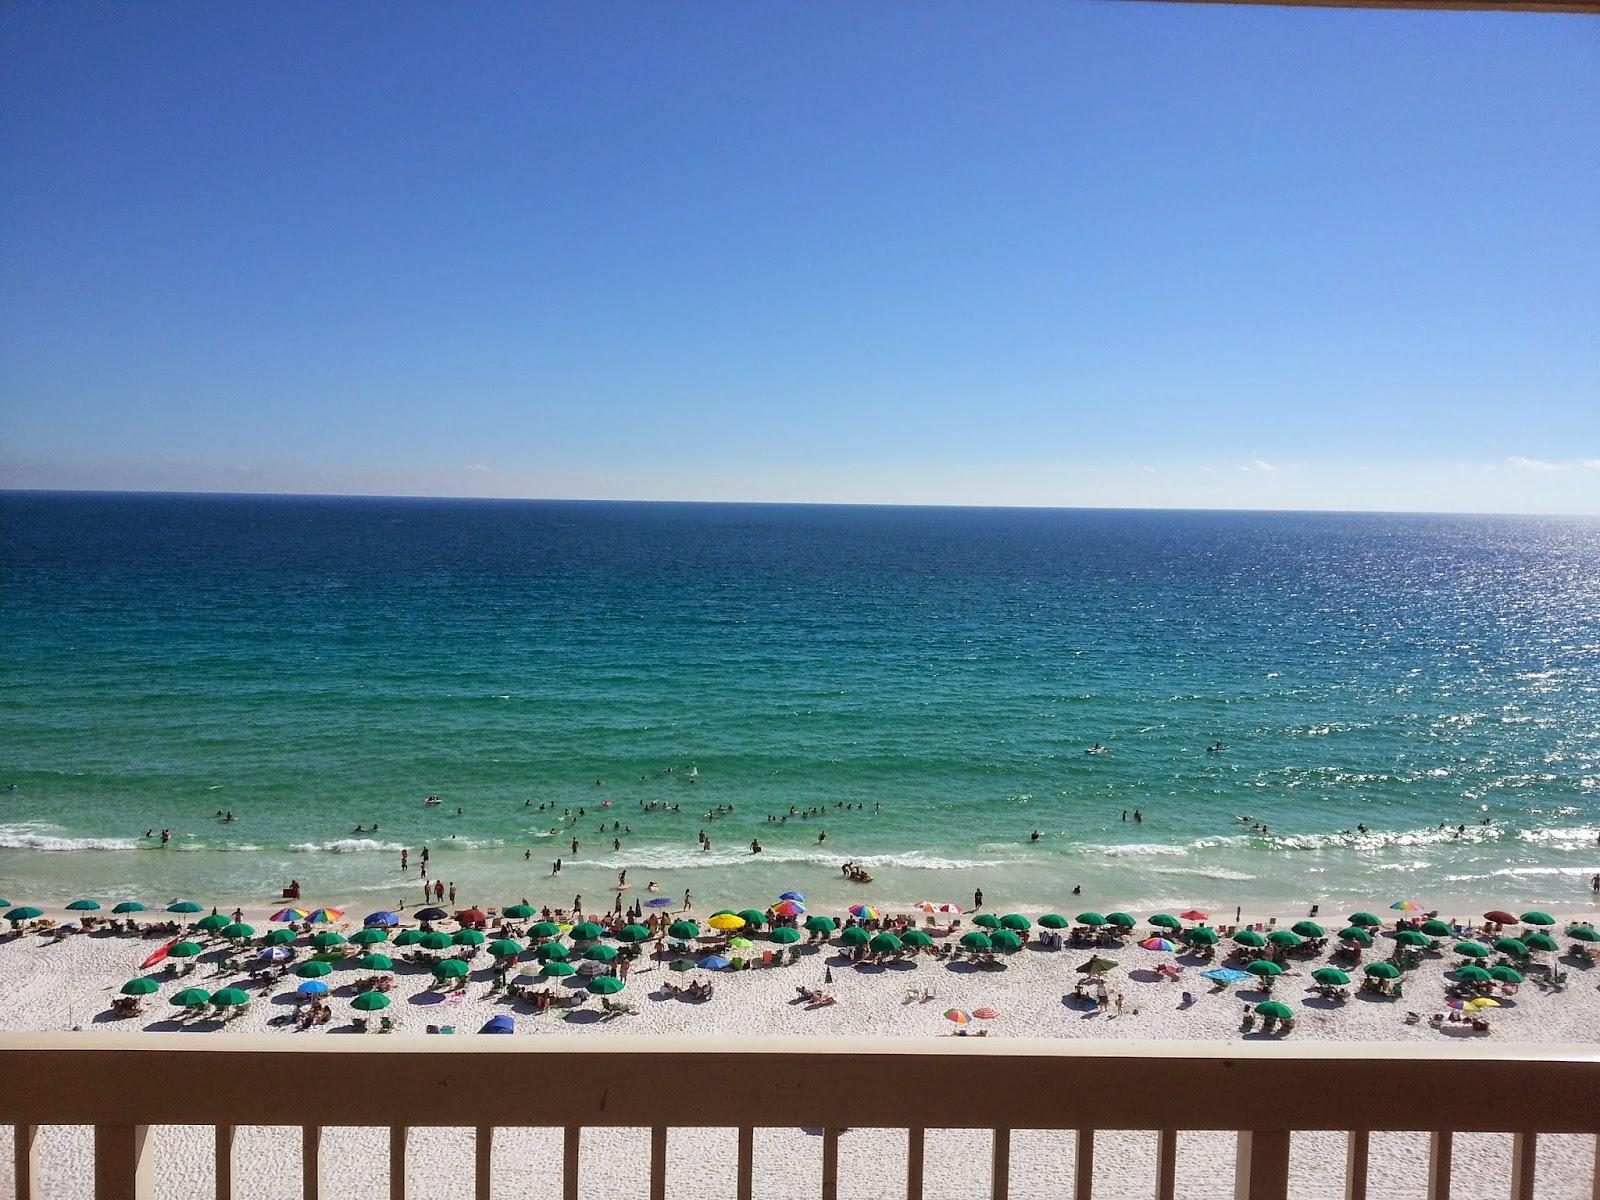 Looking To Book A Pelican Beach Resort Destin One Bedroom Deal In December